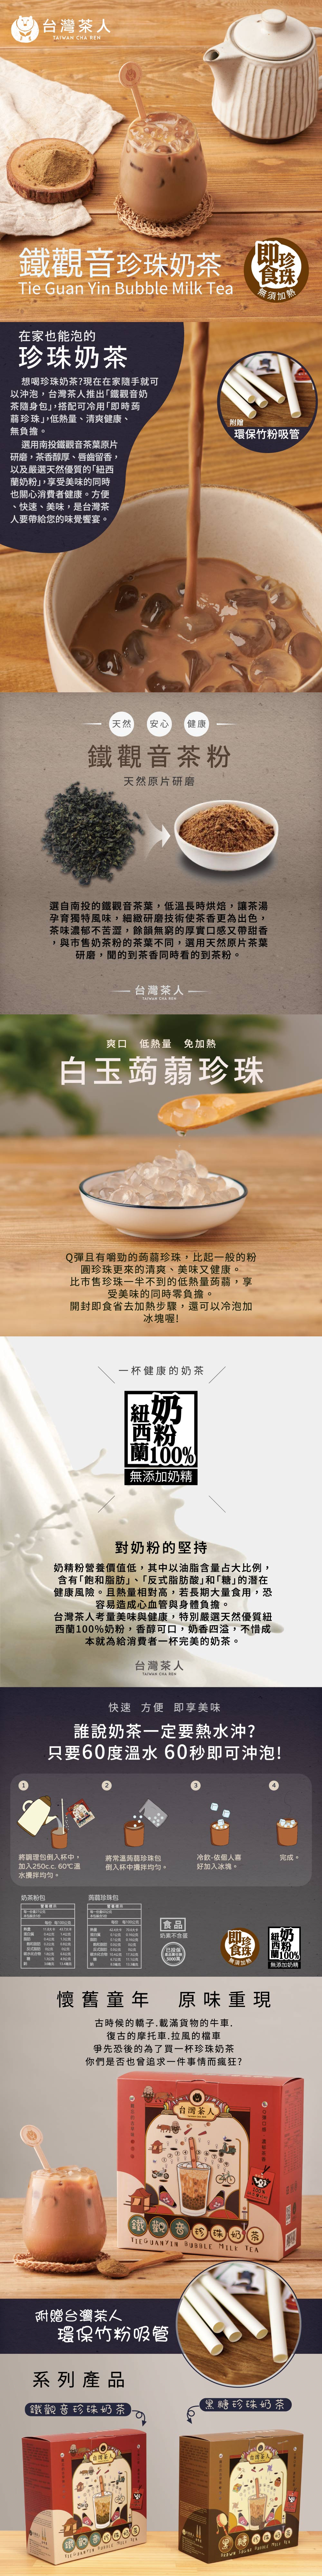 【台灣茶人】鐵觀音珍珠奶茶(五入)  2件特惠價500